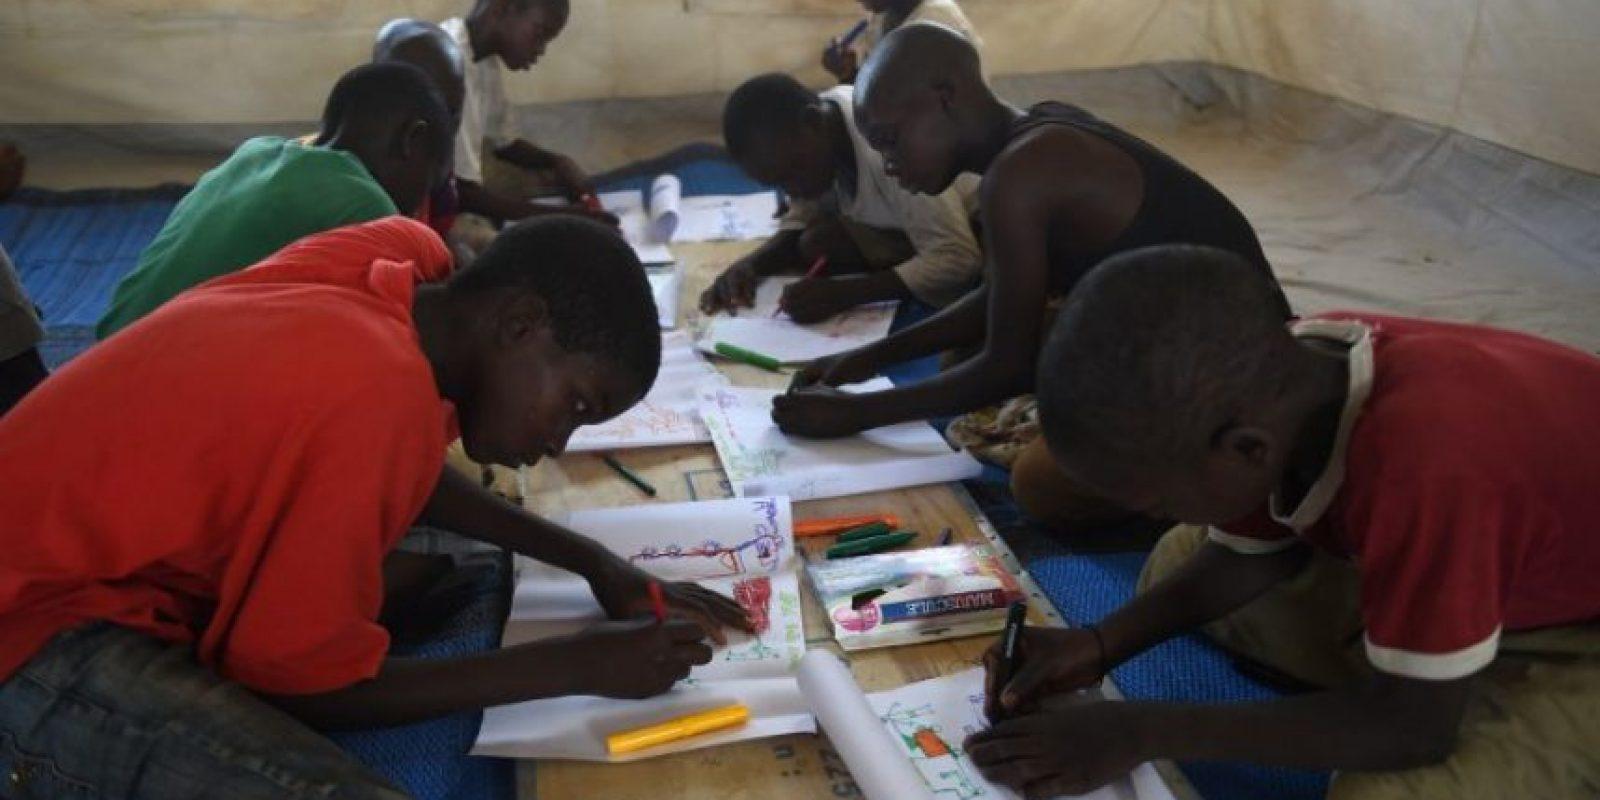 Los dibujos reflejan lo afectado que estan los niños. Foto:AFP